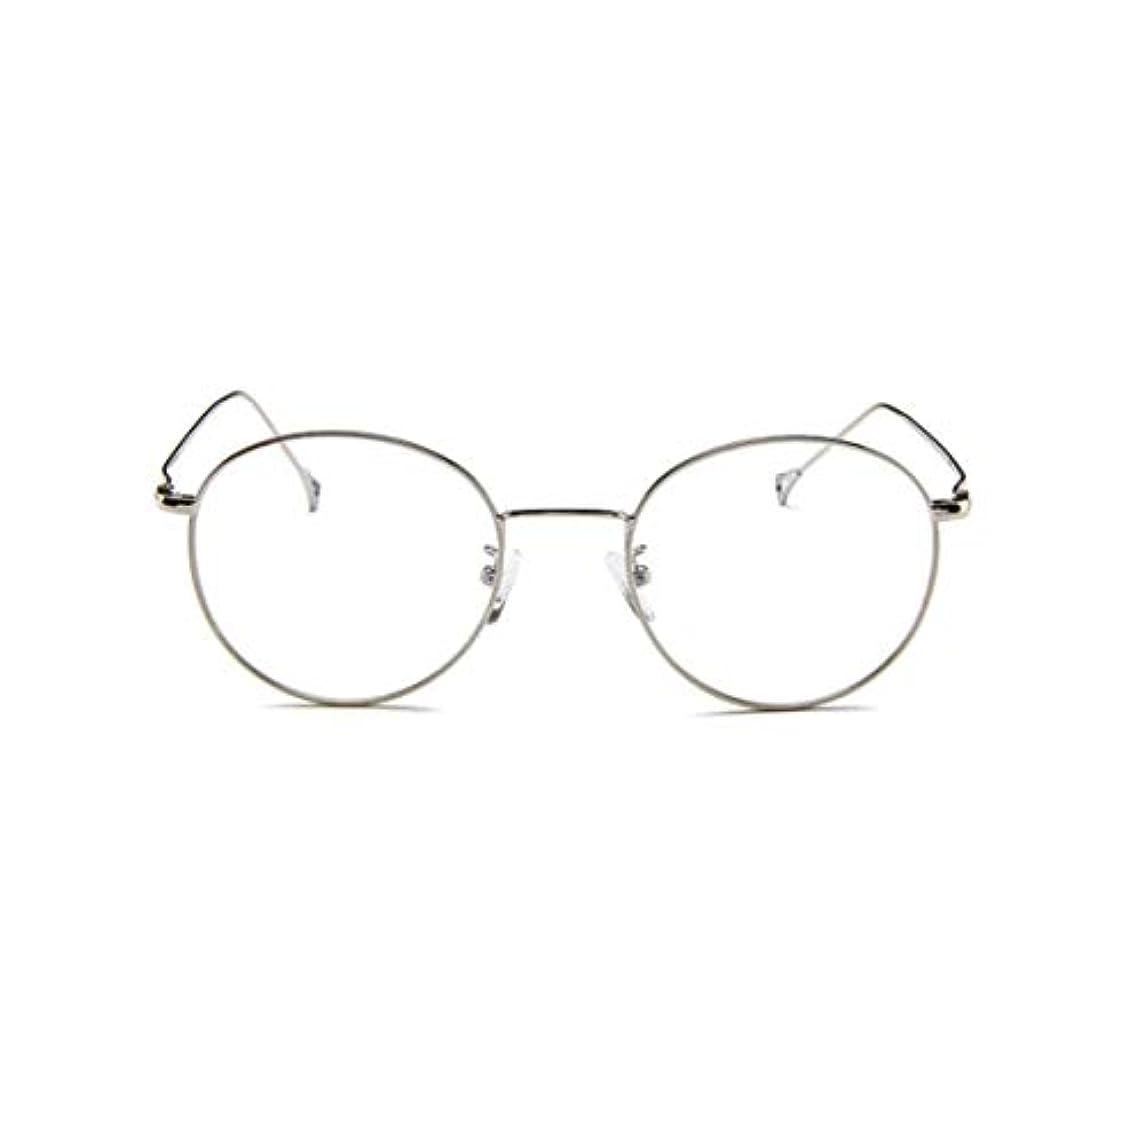 フィヨルド信念ビール韓国のメガネフレームの男性と女性のレトロフラットメガネメタルトレンディメガネファッション近視メガネフレーム-スライバー